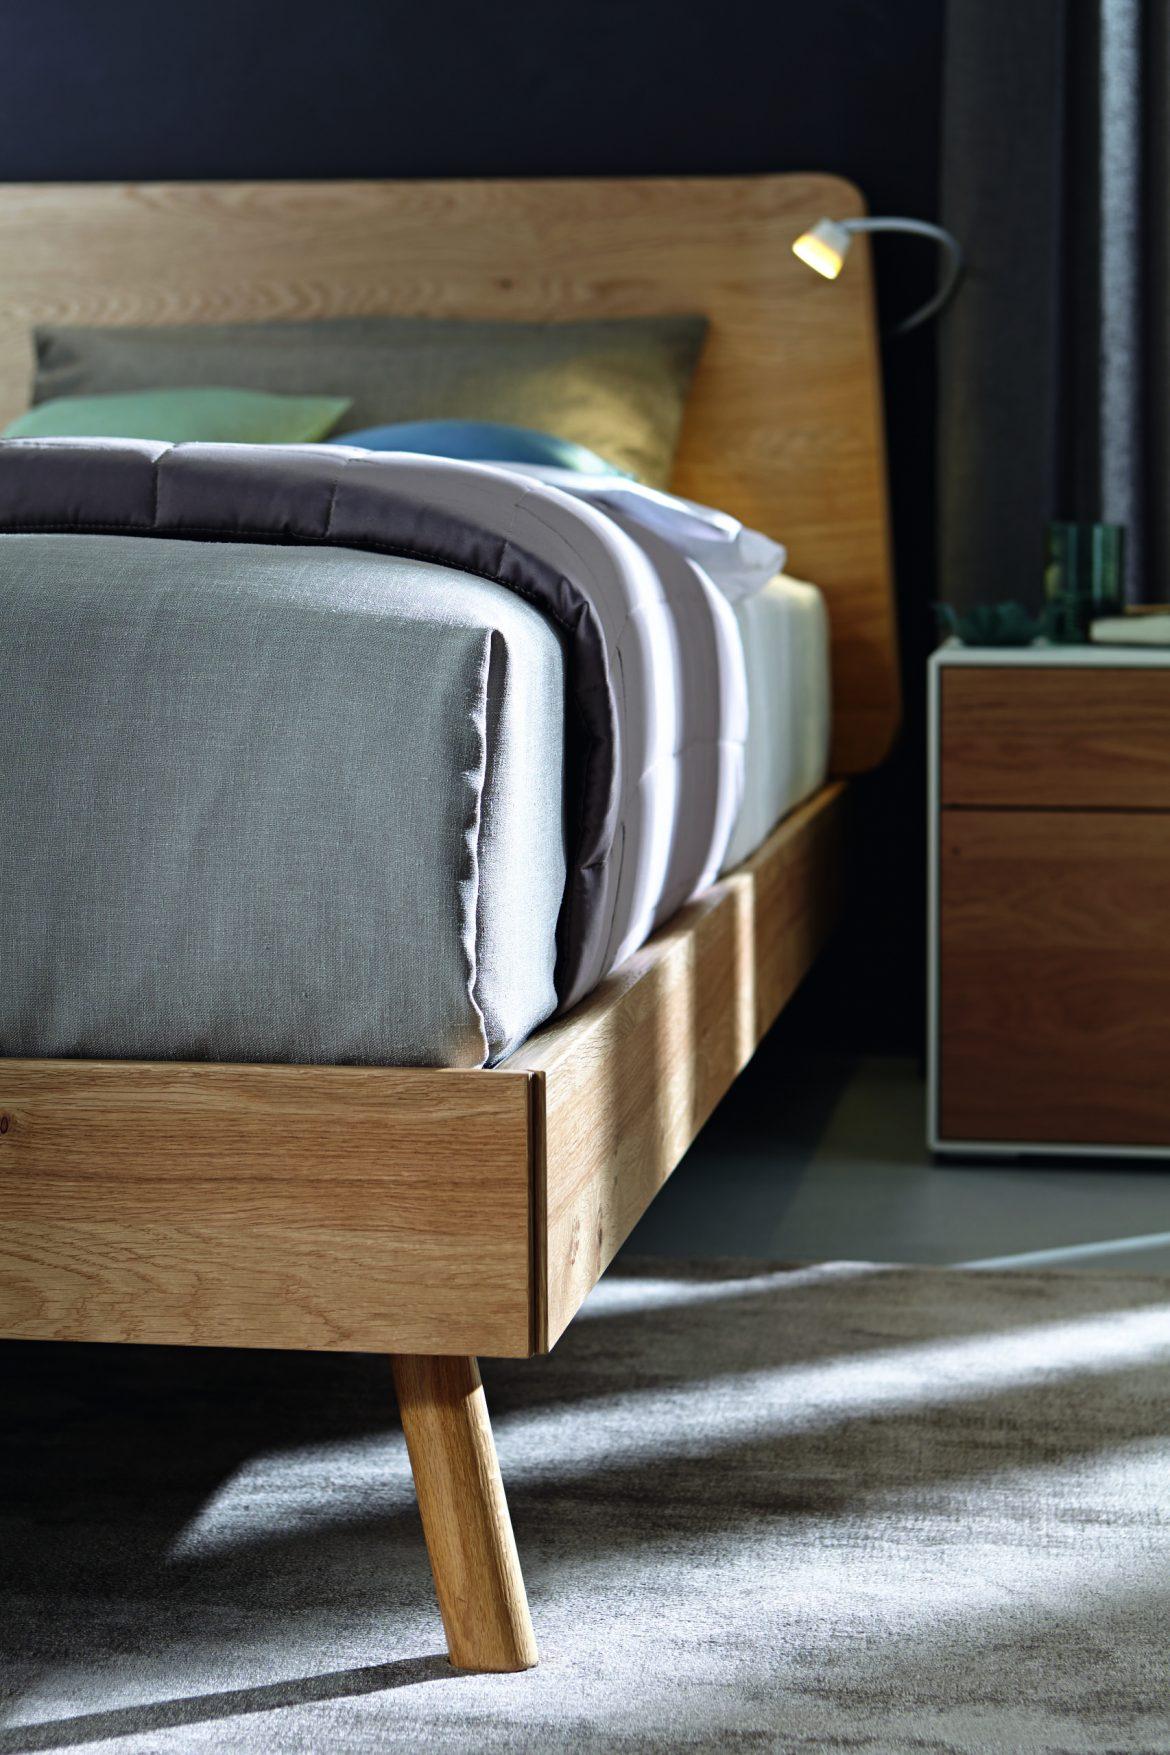 Maak ook je slaapkamer compleet met een toevoeging van naturel hout, verkrijgbaar bij Vesta Slapen in het Woonforum Groningen.